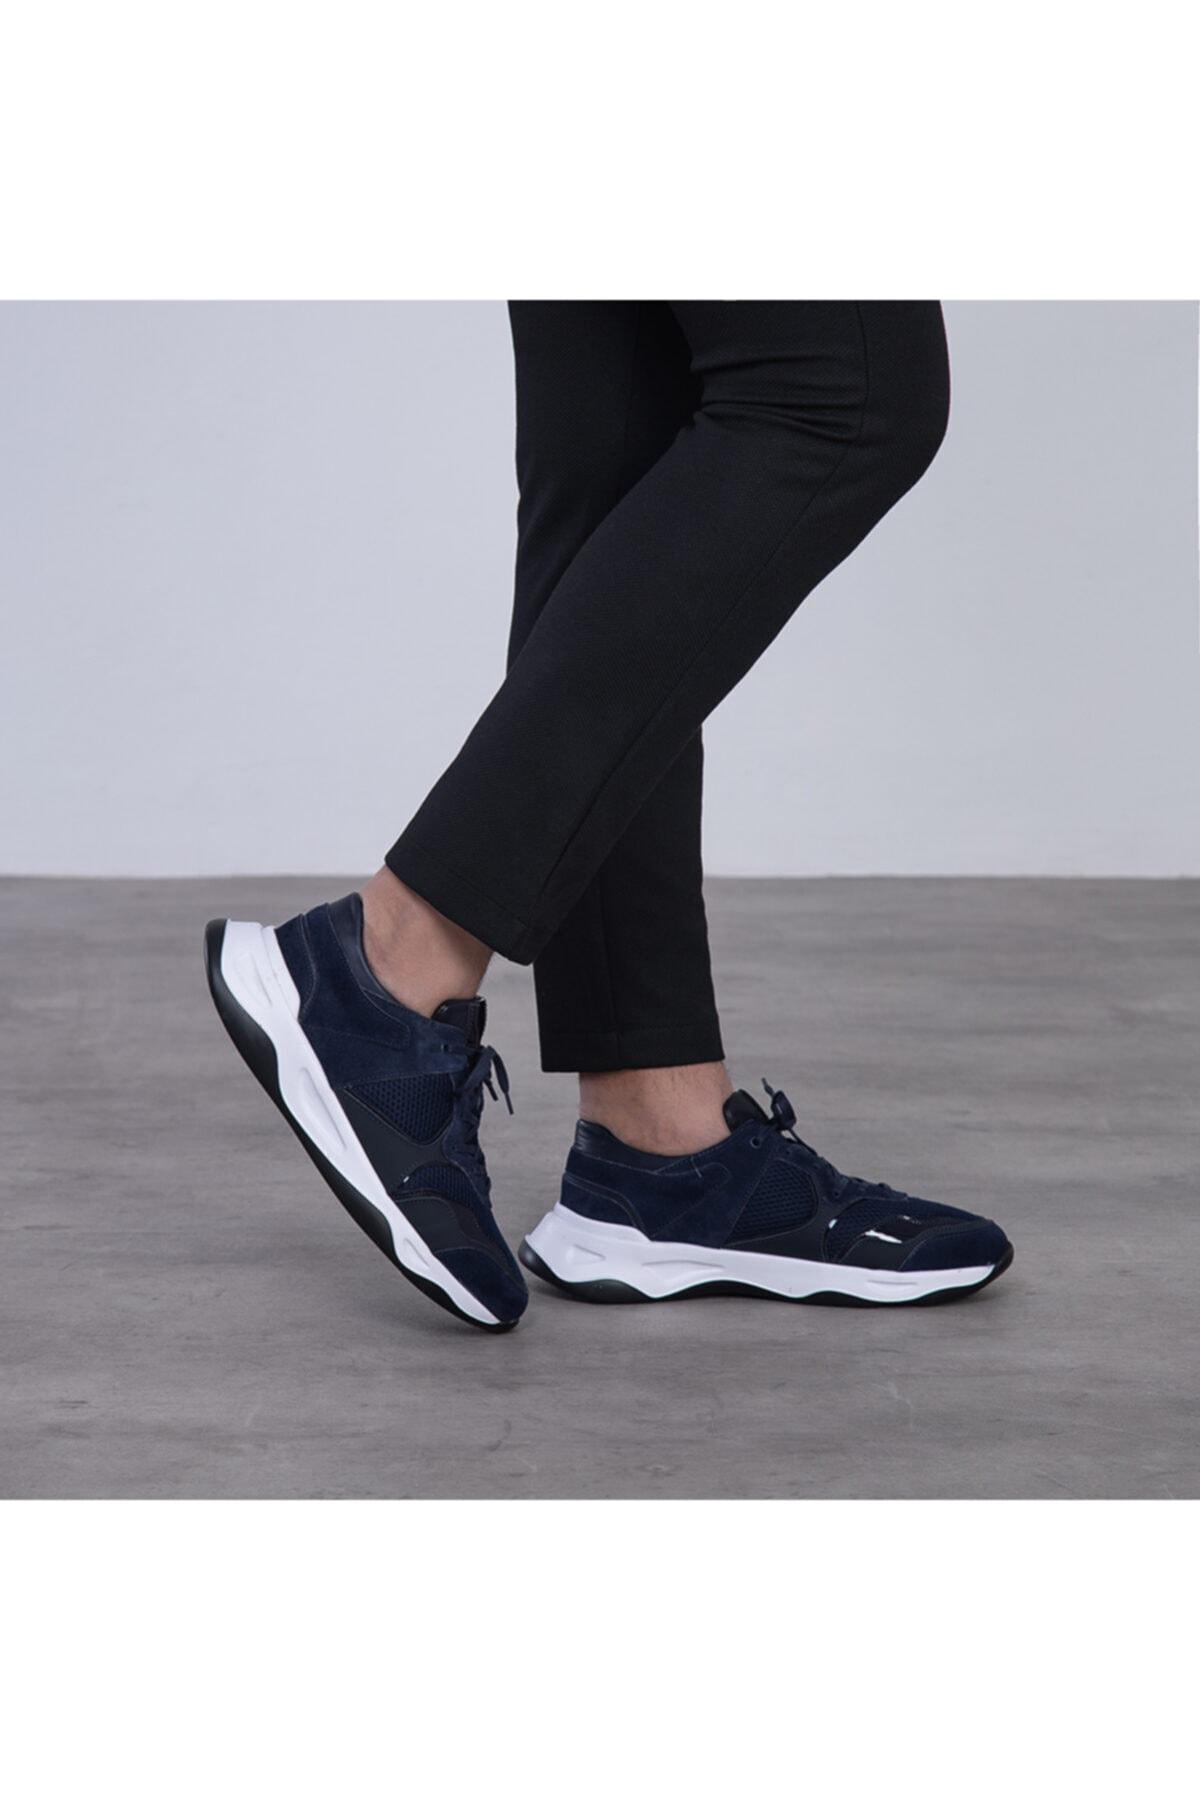 GEGARO G055 Lacivert File Detaylı Siyah Beyaz Eva Taban Hakiki Süet Deri Erkek Sneakers 2